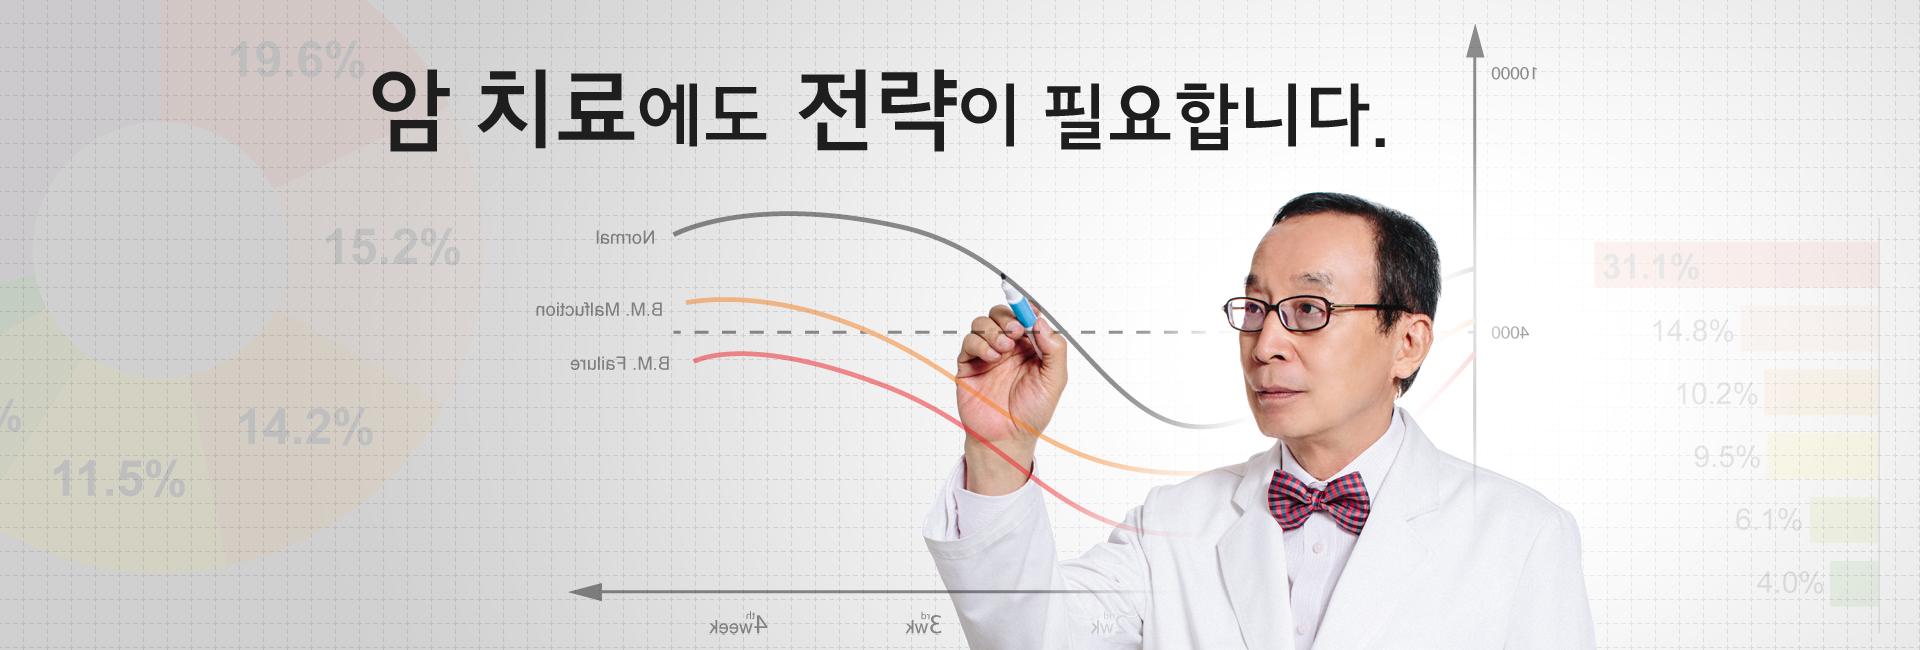 암 치료 전략 슬라이드